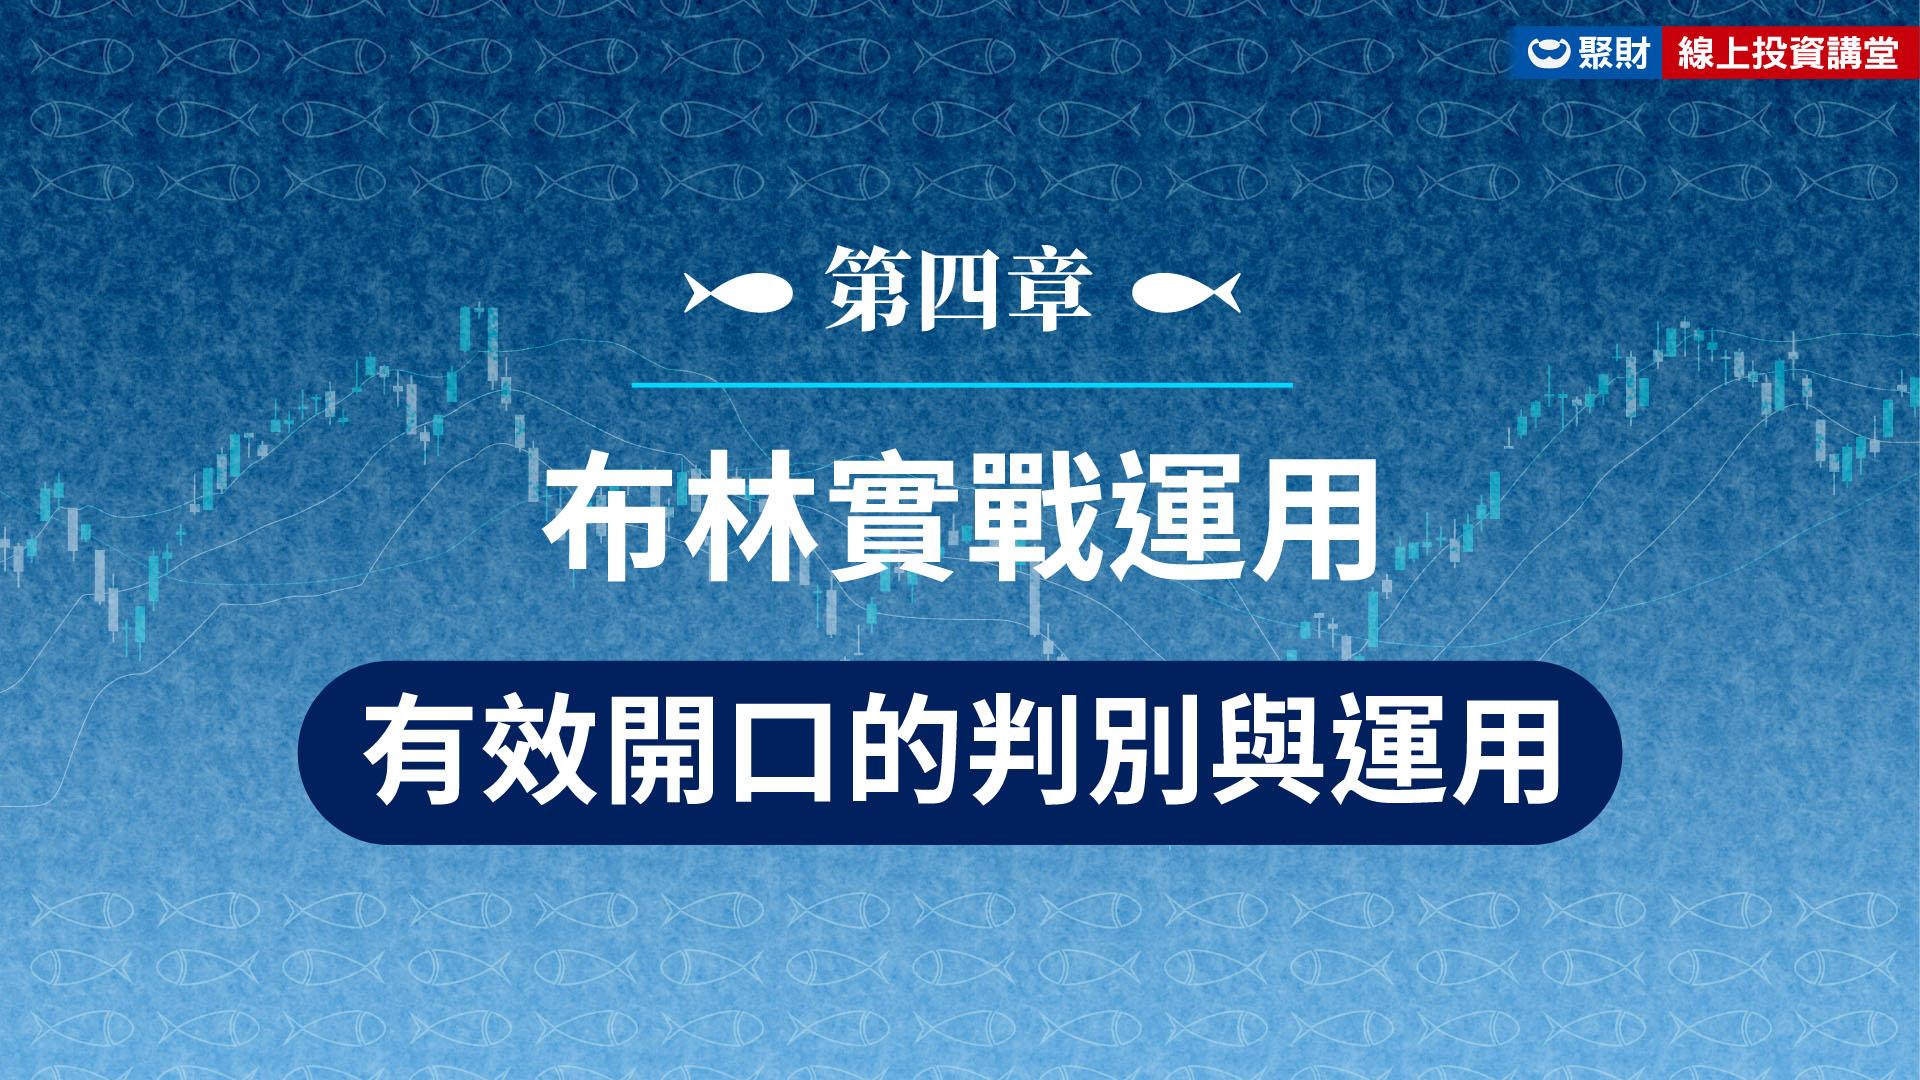 海龍王-第四章:布林實戰運用-有效開口的判別與運用